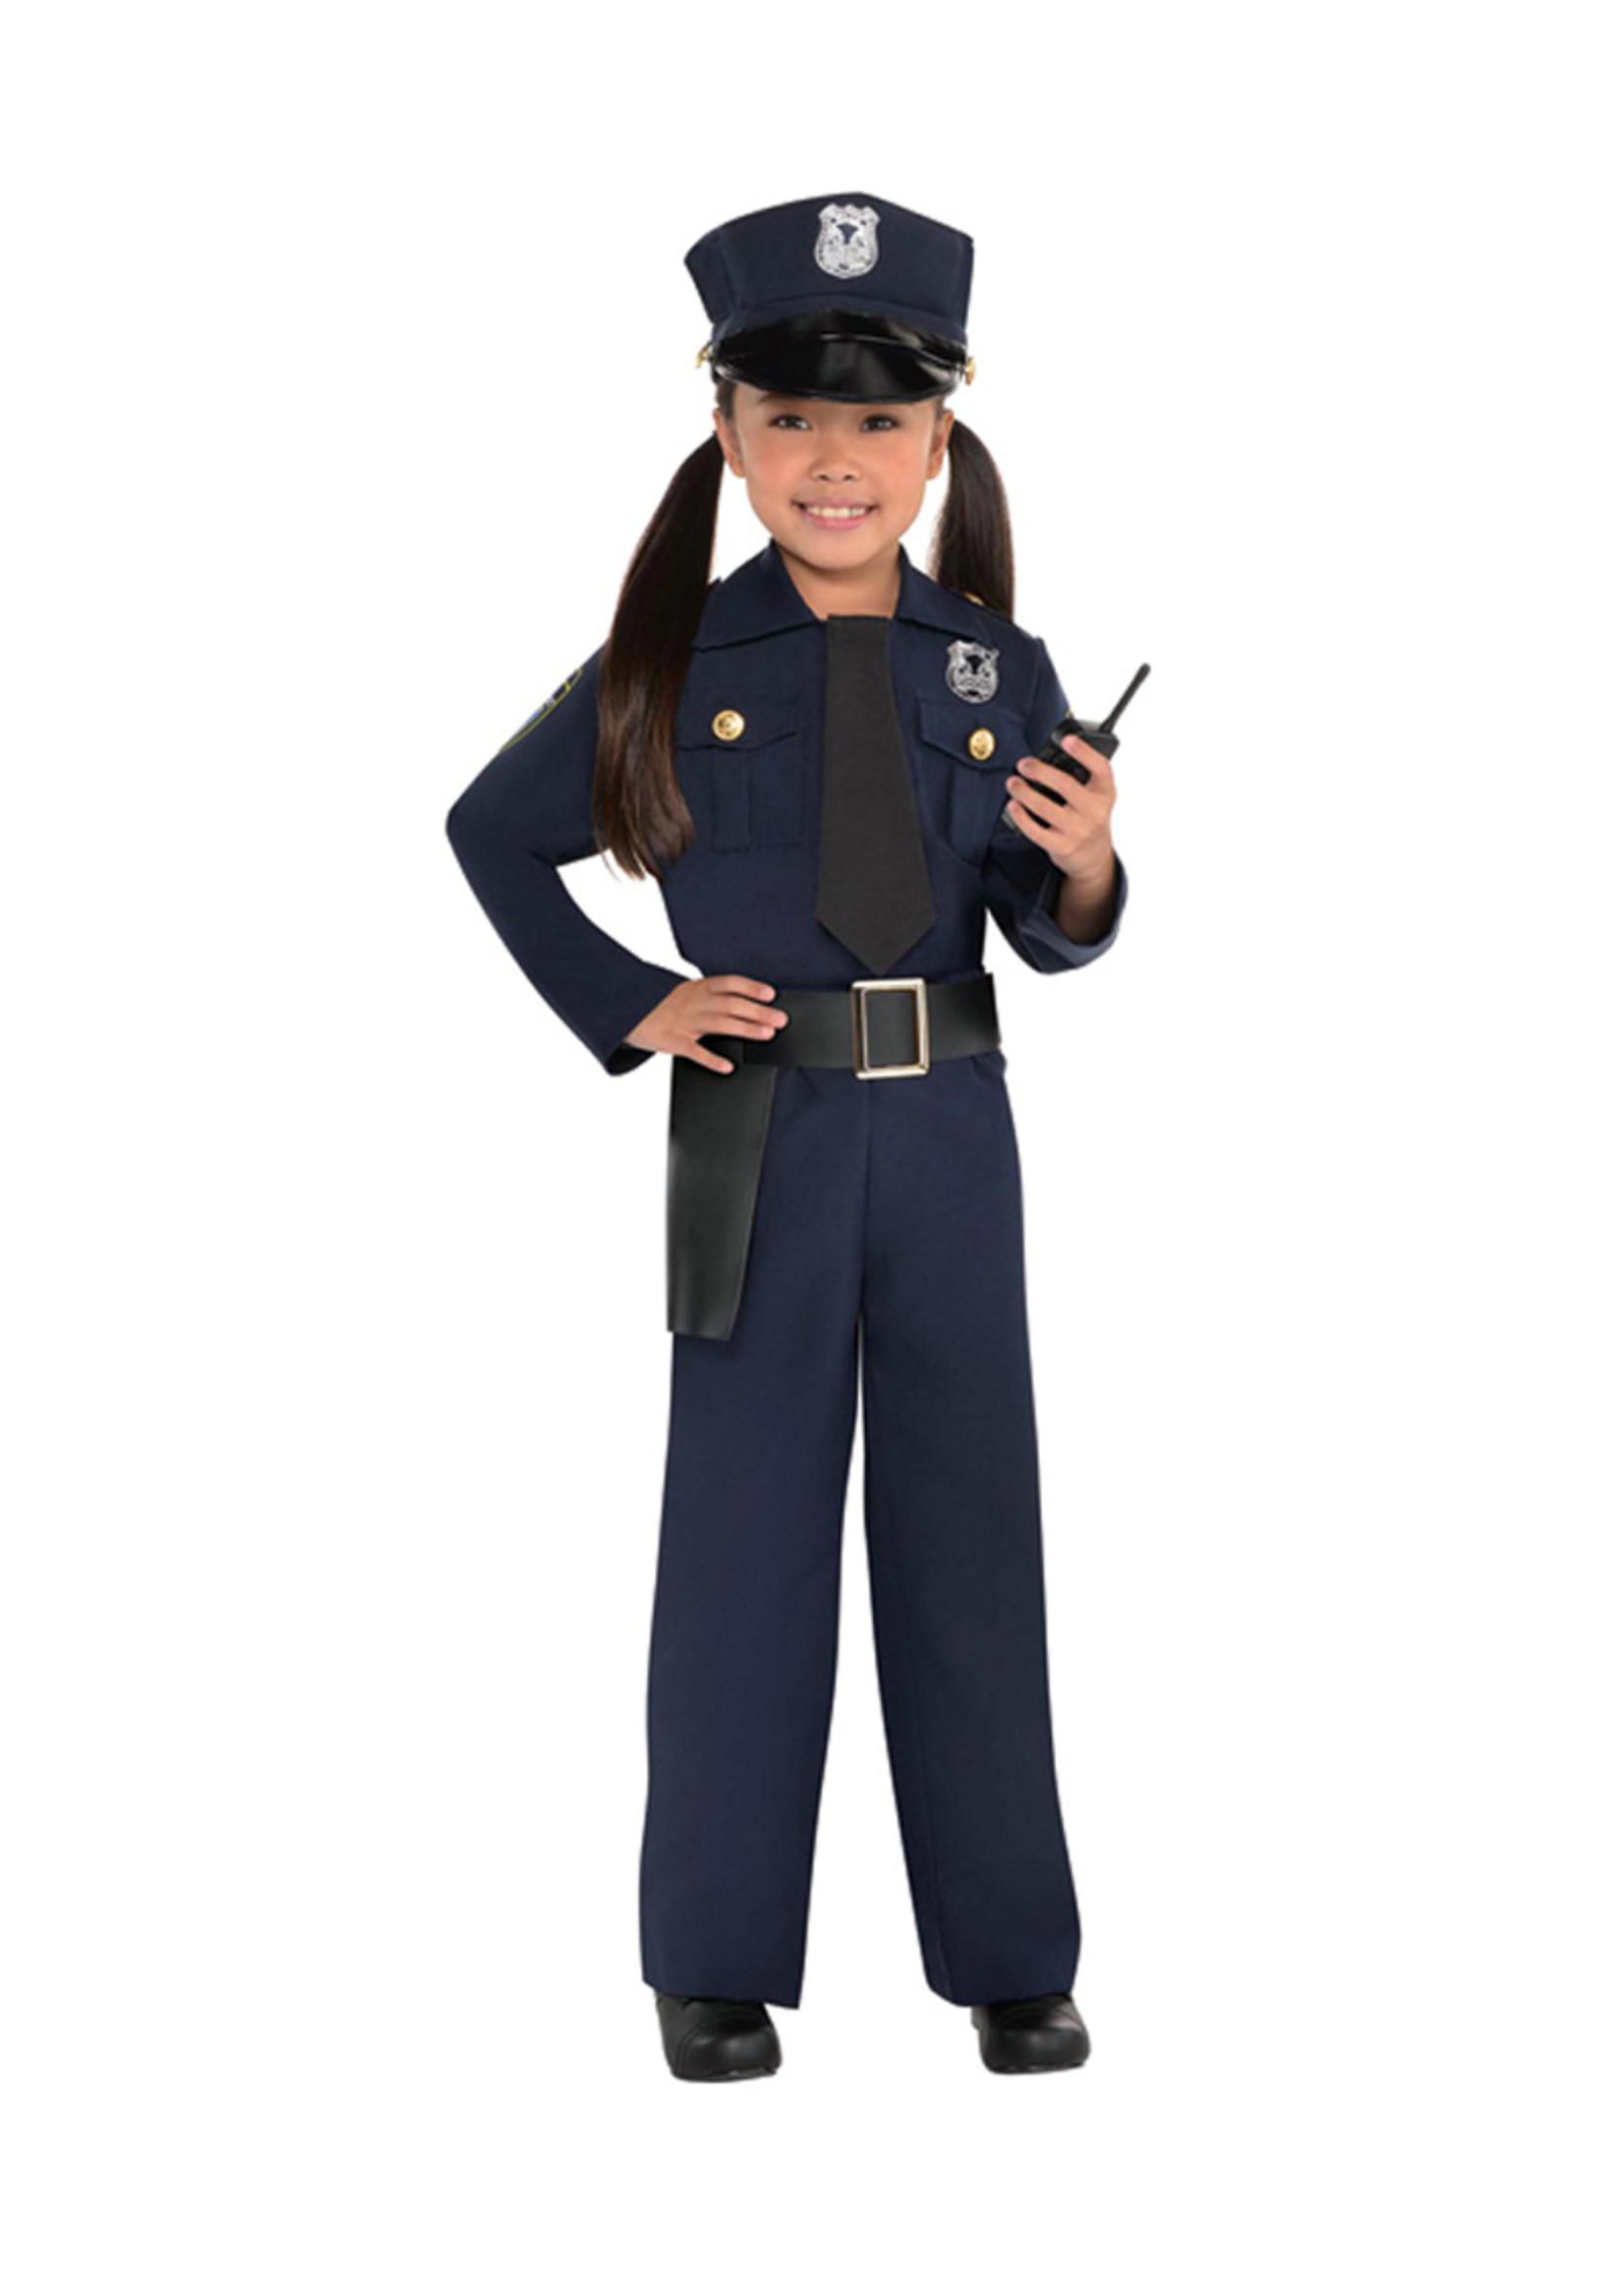 Police Officer Costume - Girls